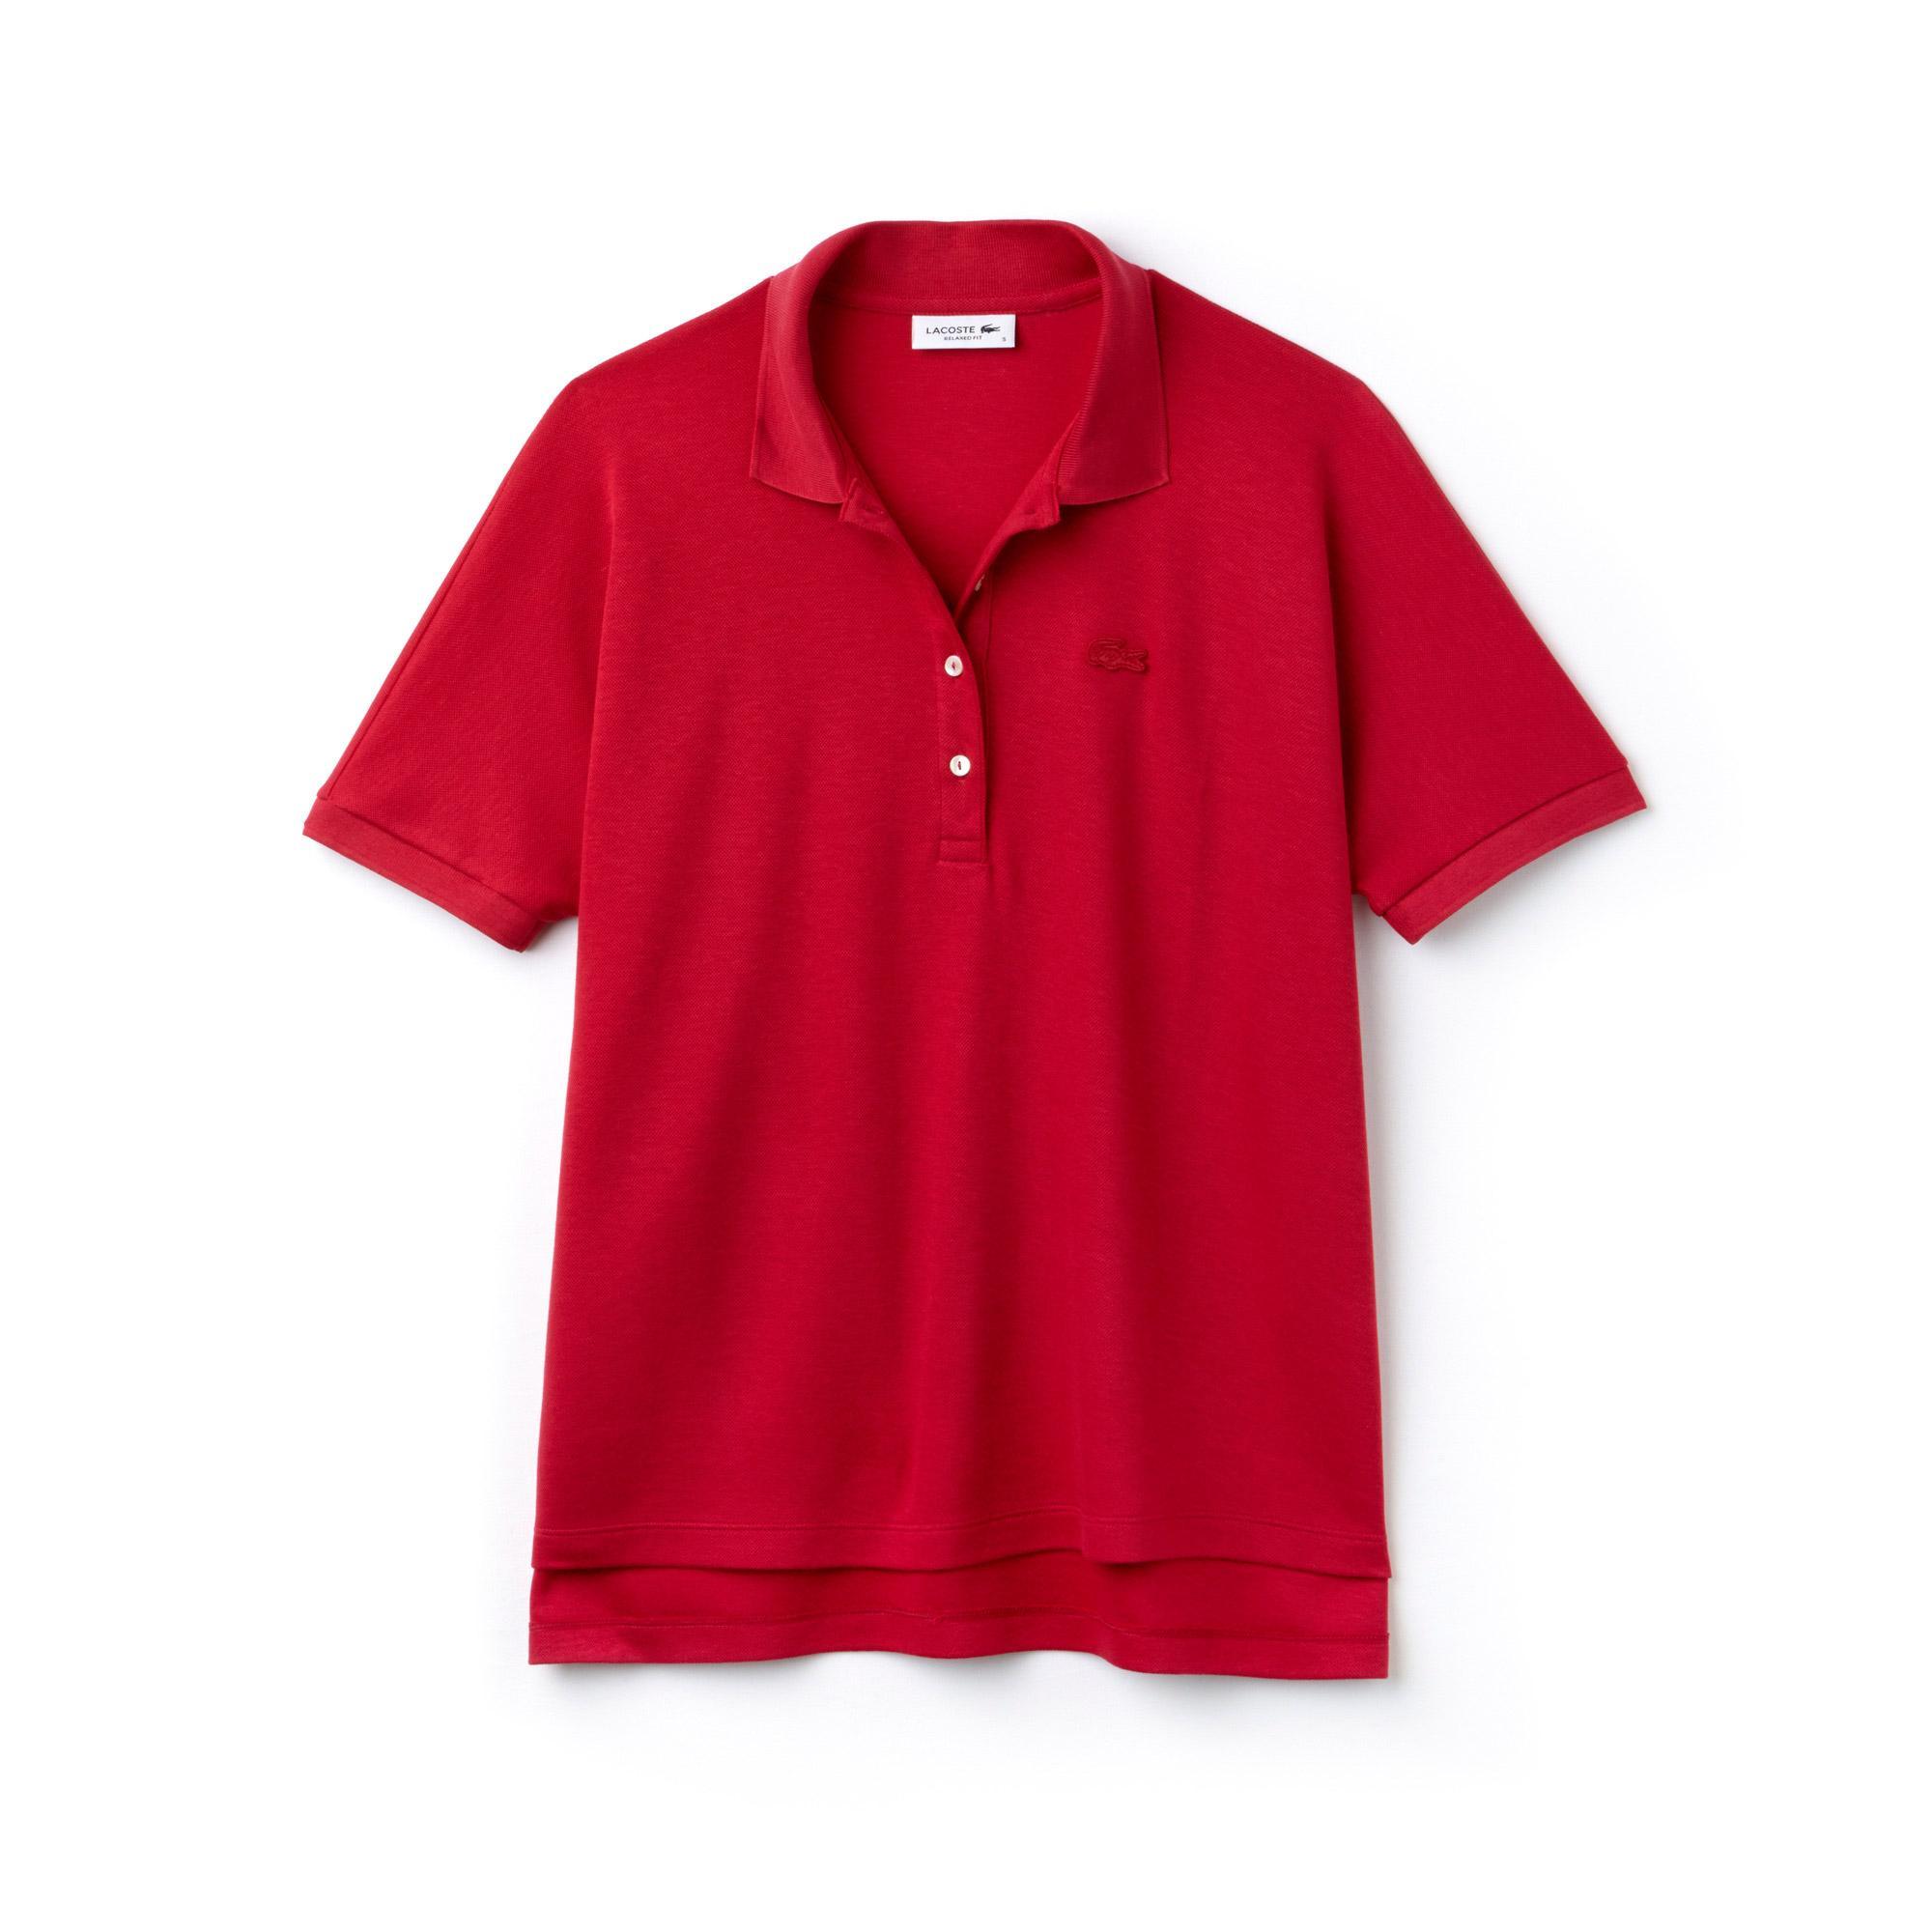 Lacoste Kadın Kırmızı Kısa Kollu Rahat Kesim Polo